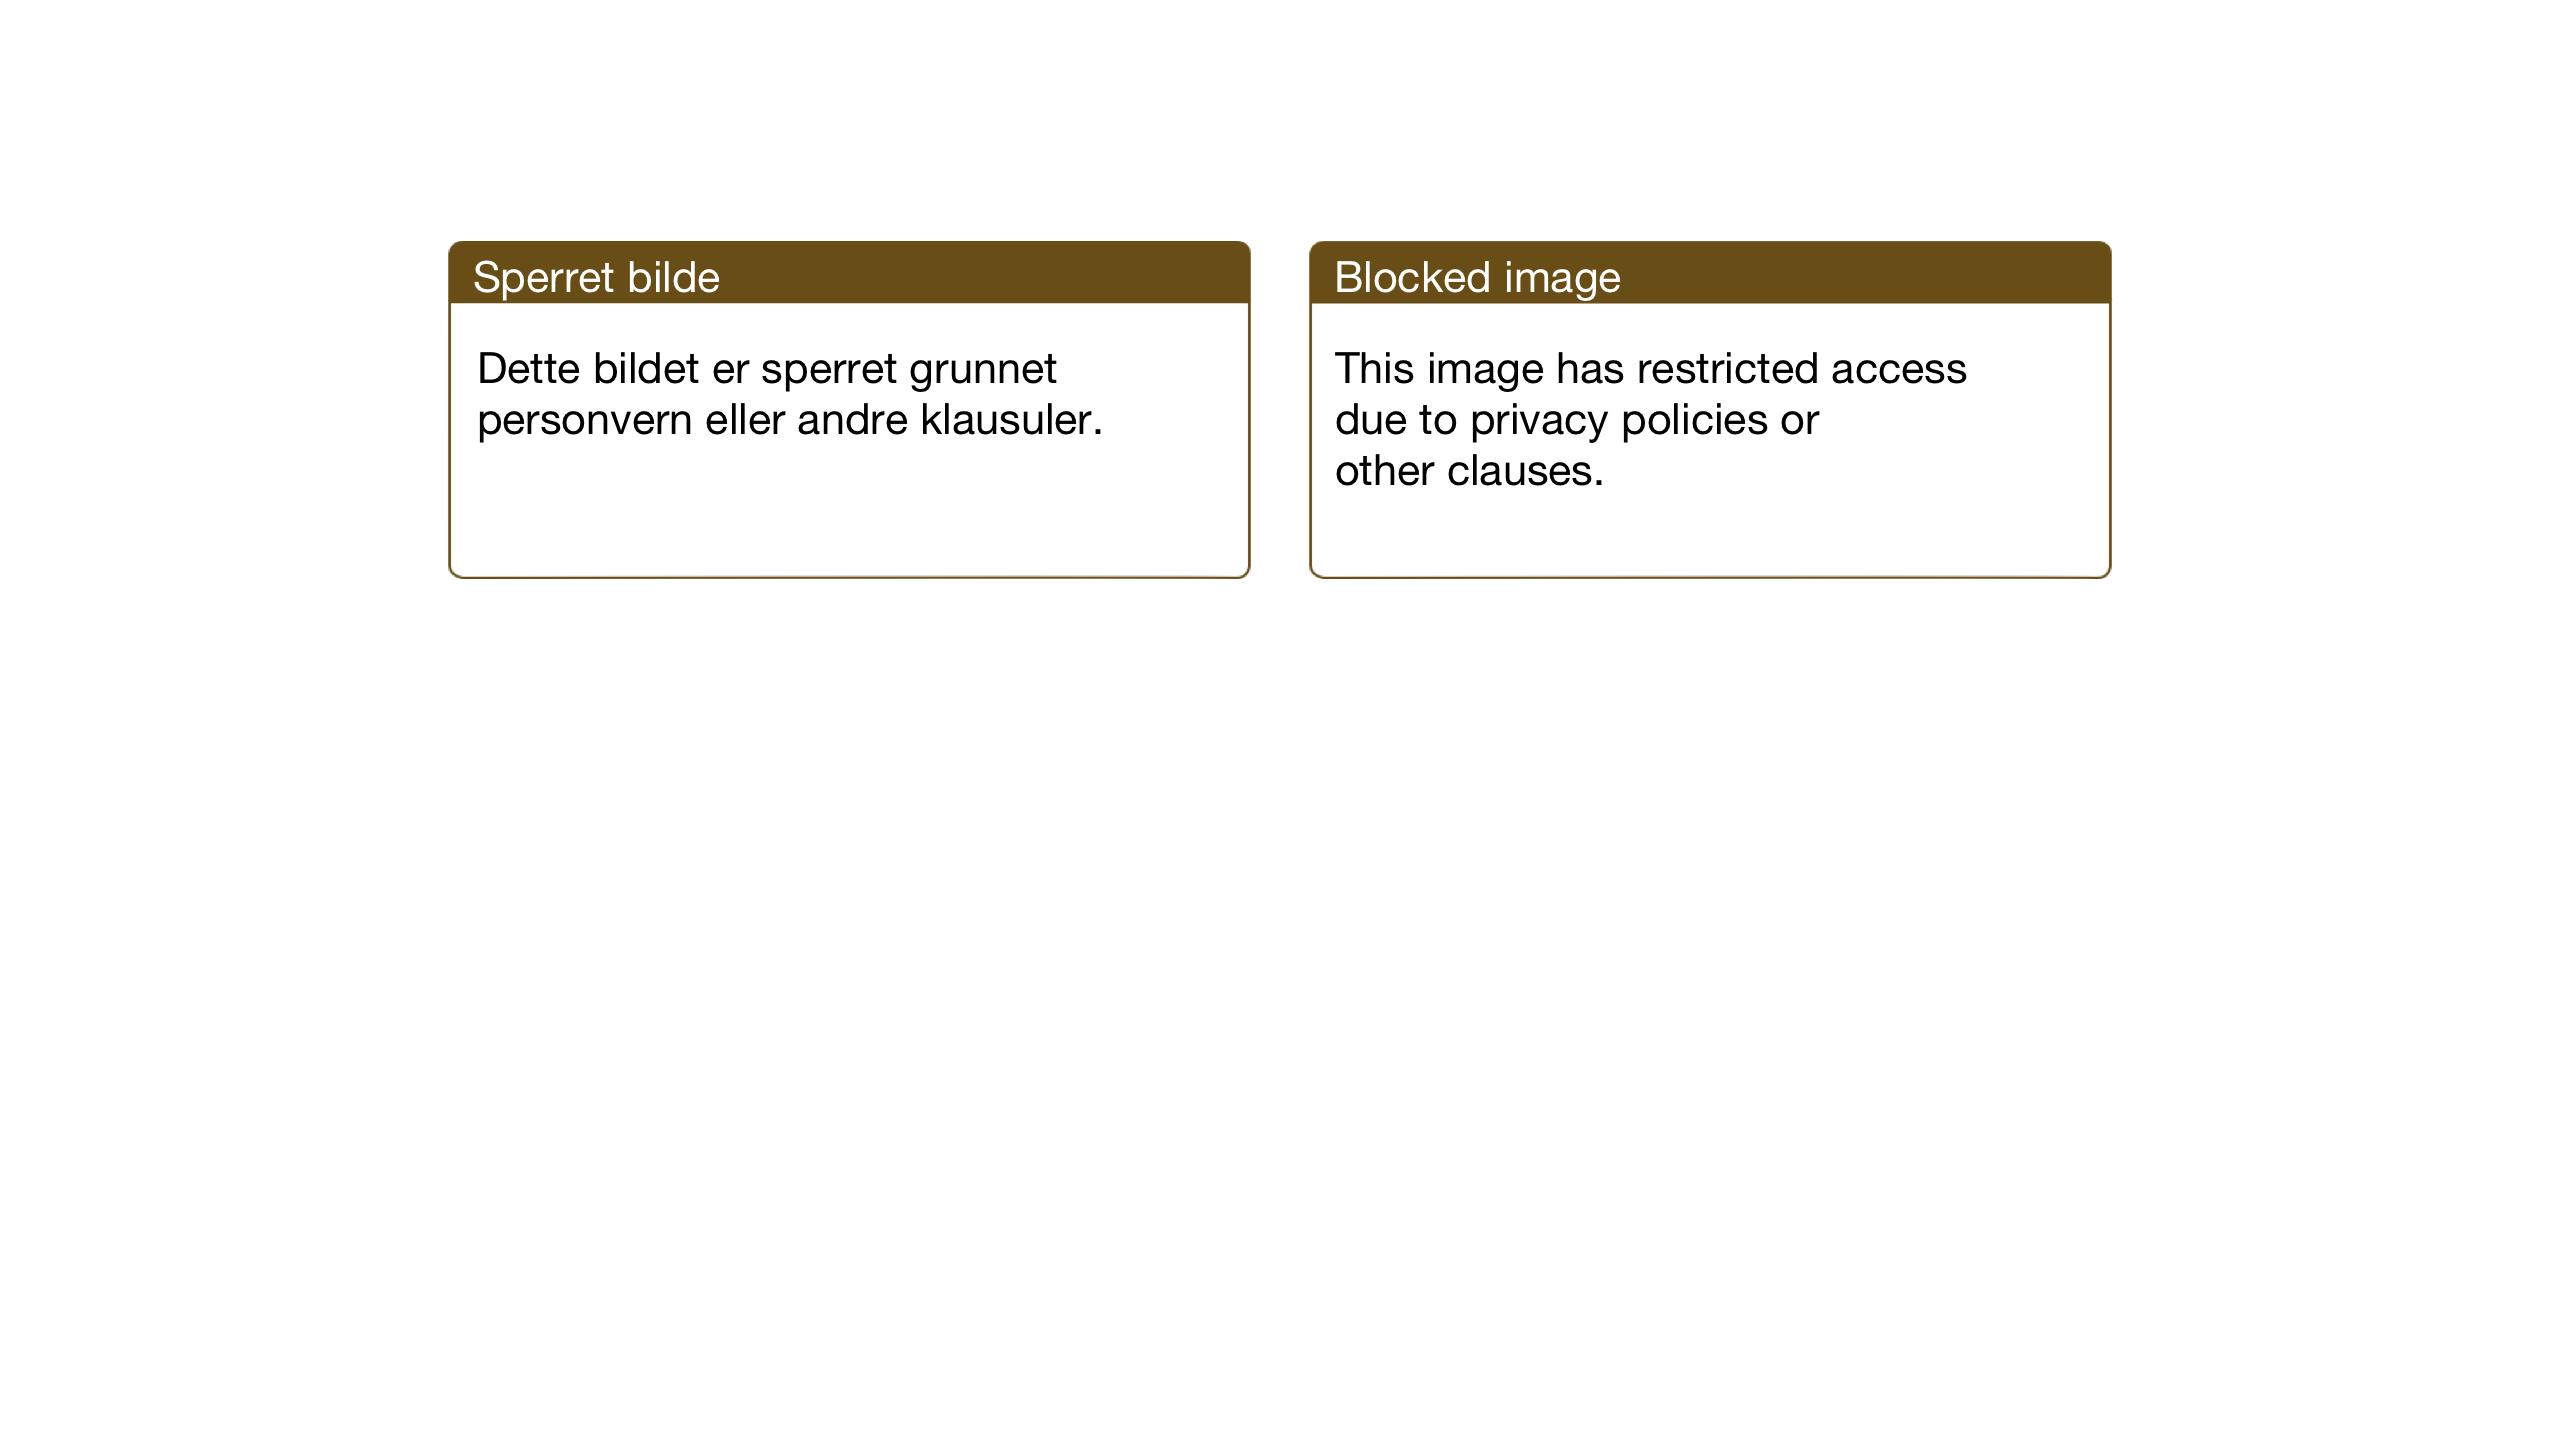 SAT, Ministerialprotokoller, klokkerbøker og fødselsregistre - Nord-Trøndelag, 744/L0425: Klokkerbok nr. 744C04, 1924-1947, s. 81